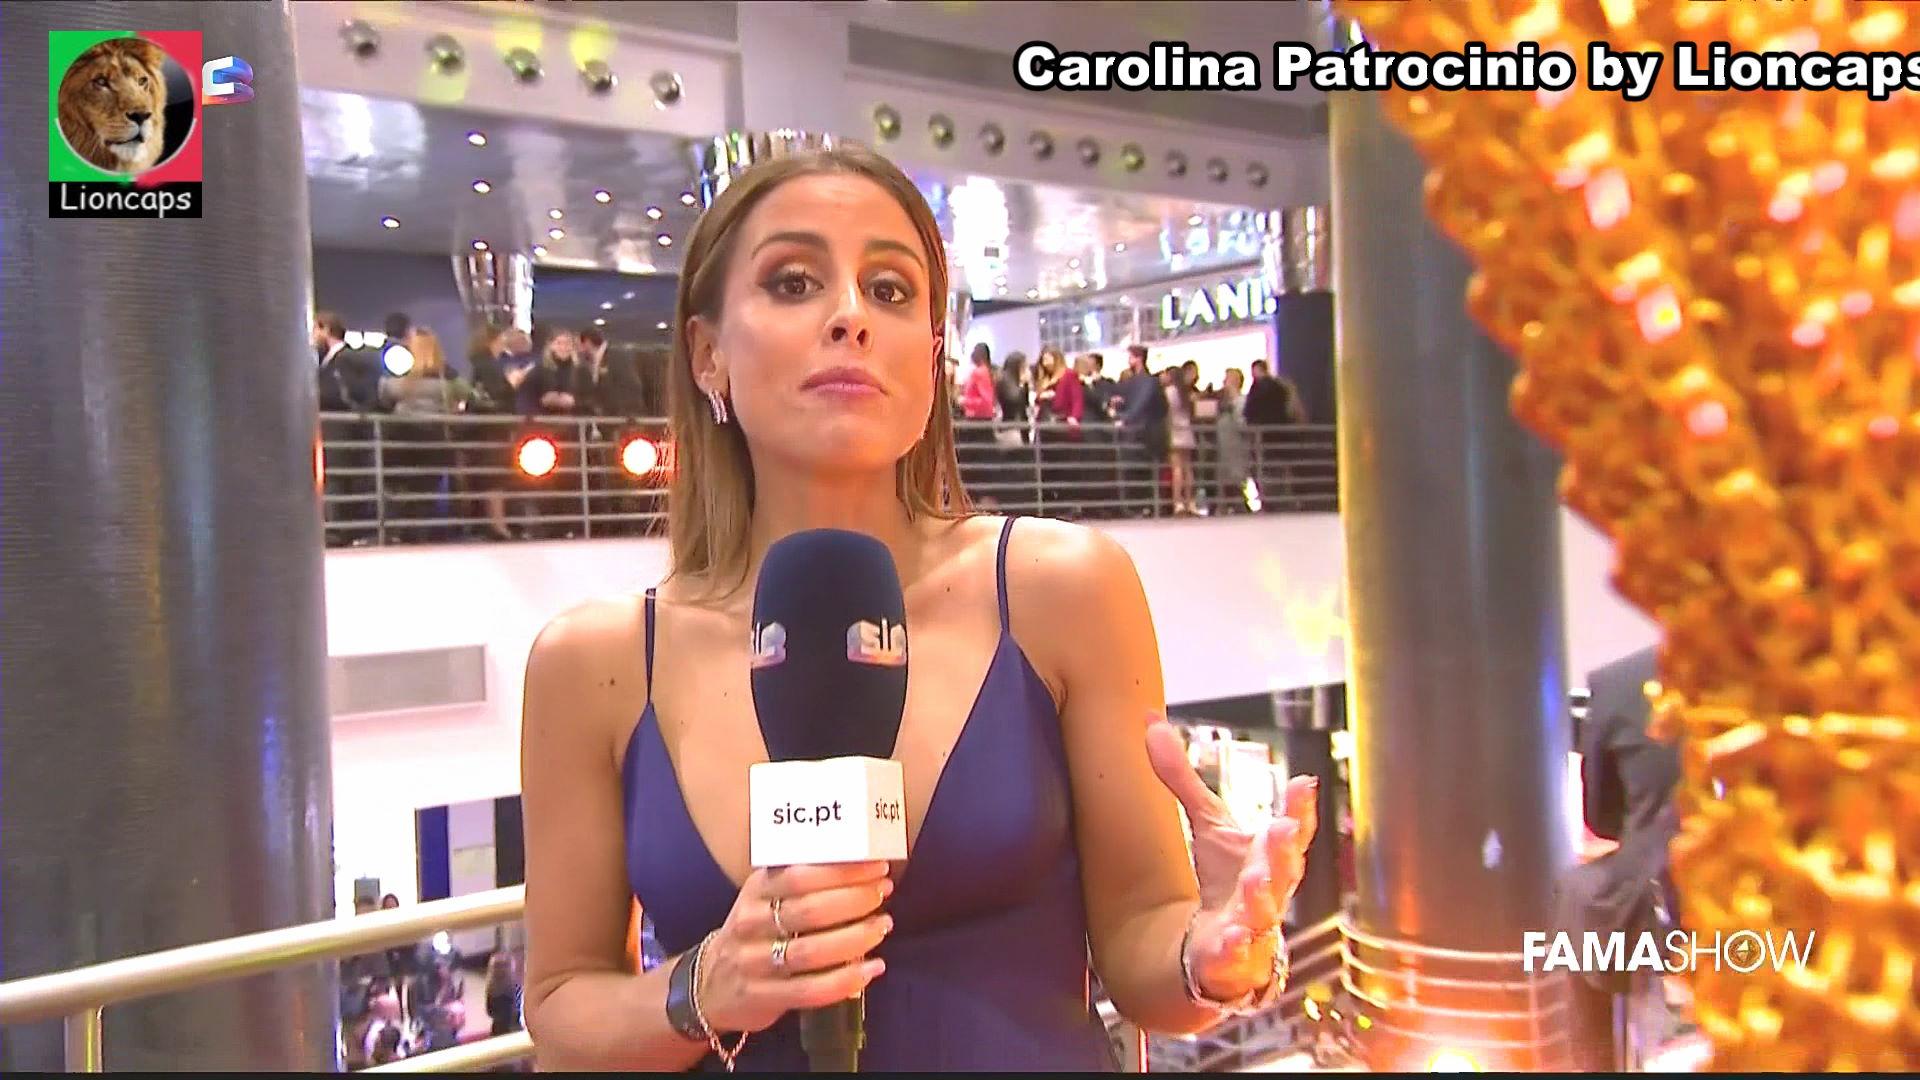 449952964_carolina_patrocinio_vs200223_0158_122_153lo.JPG